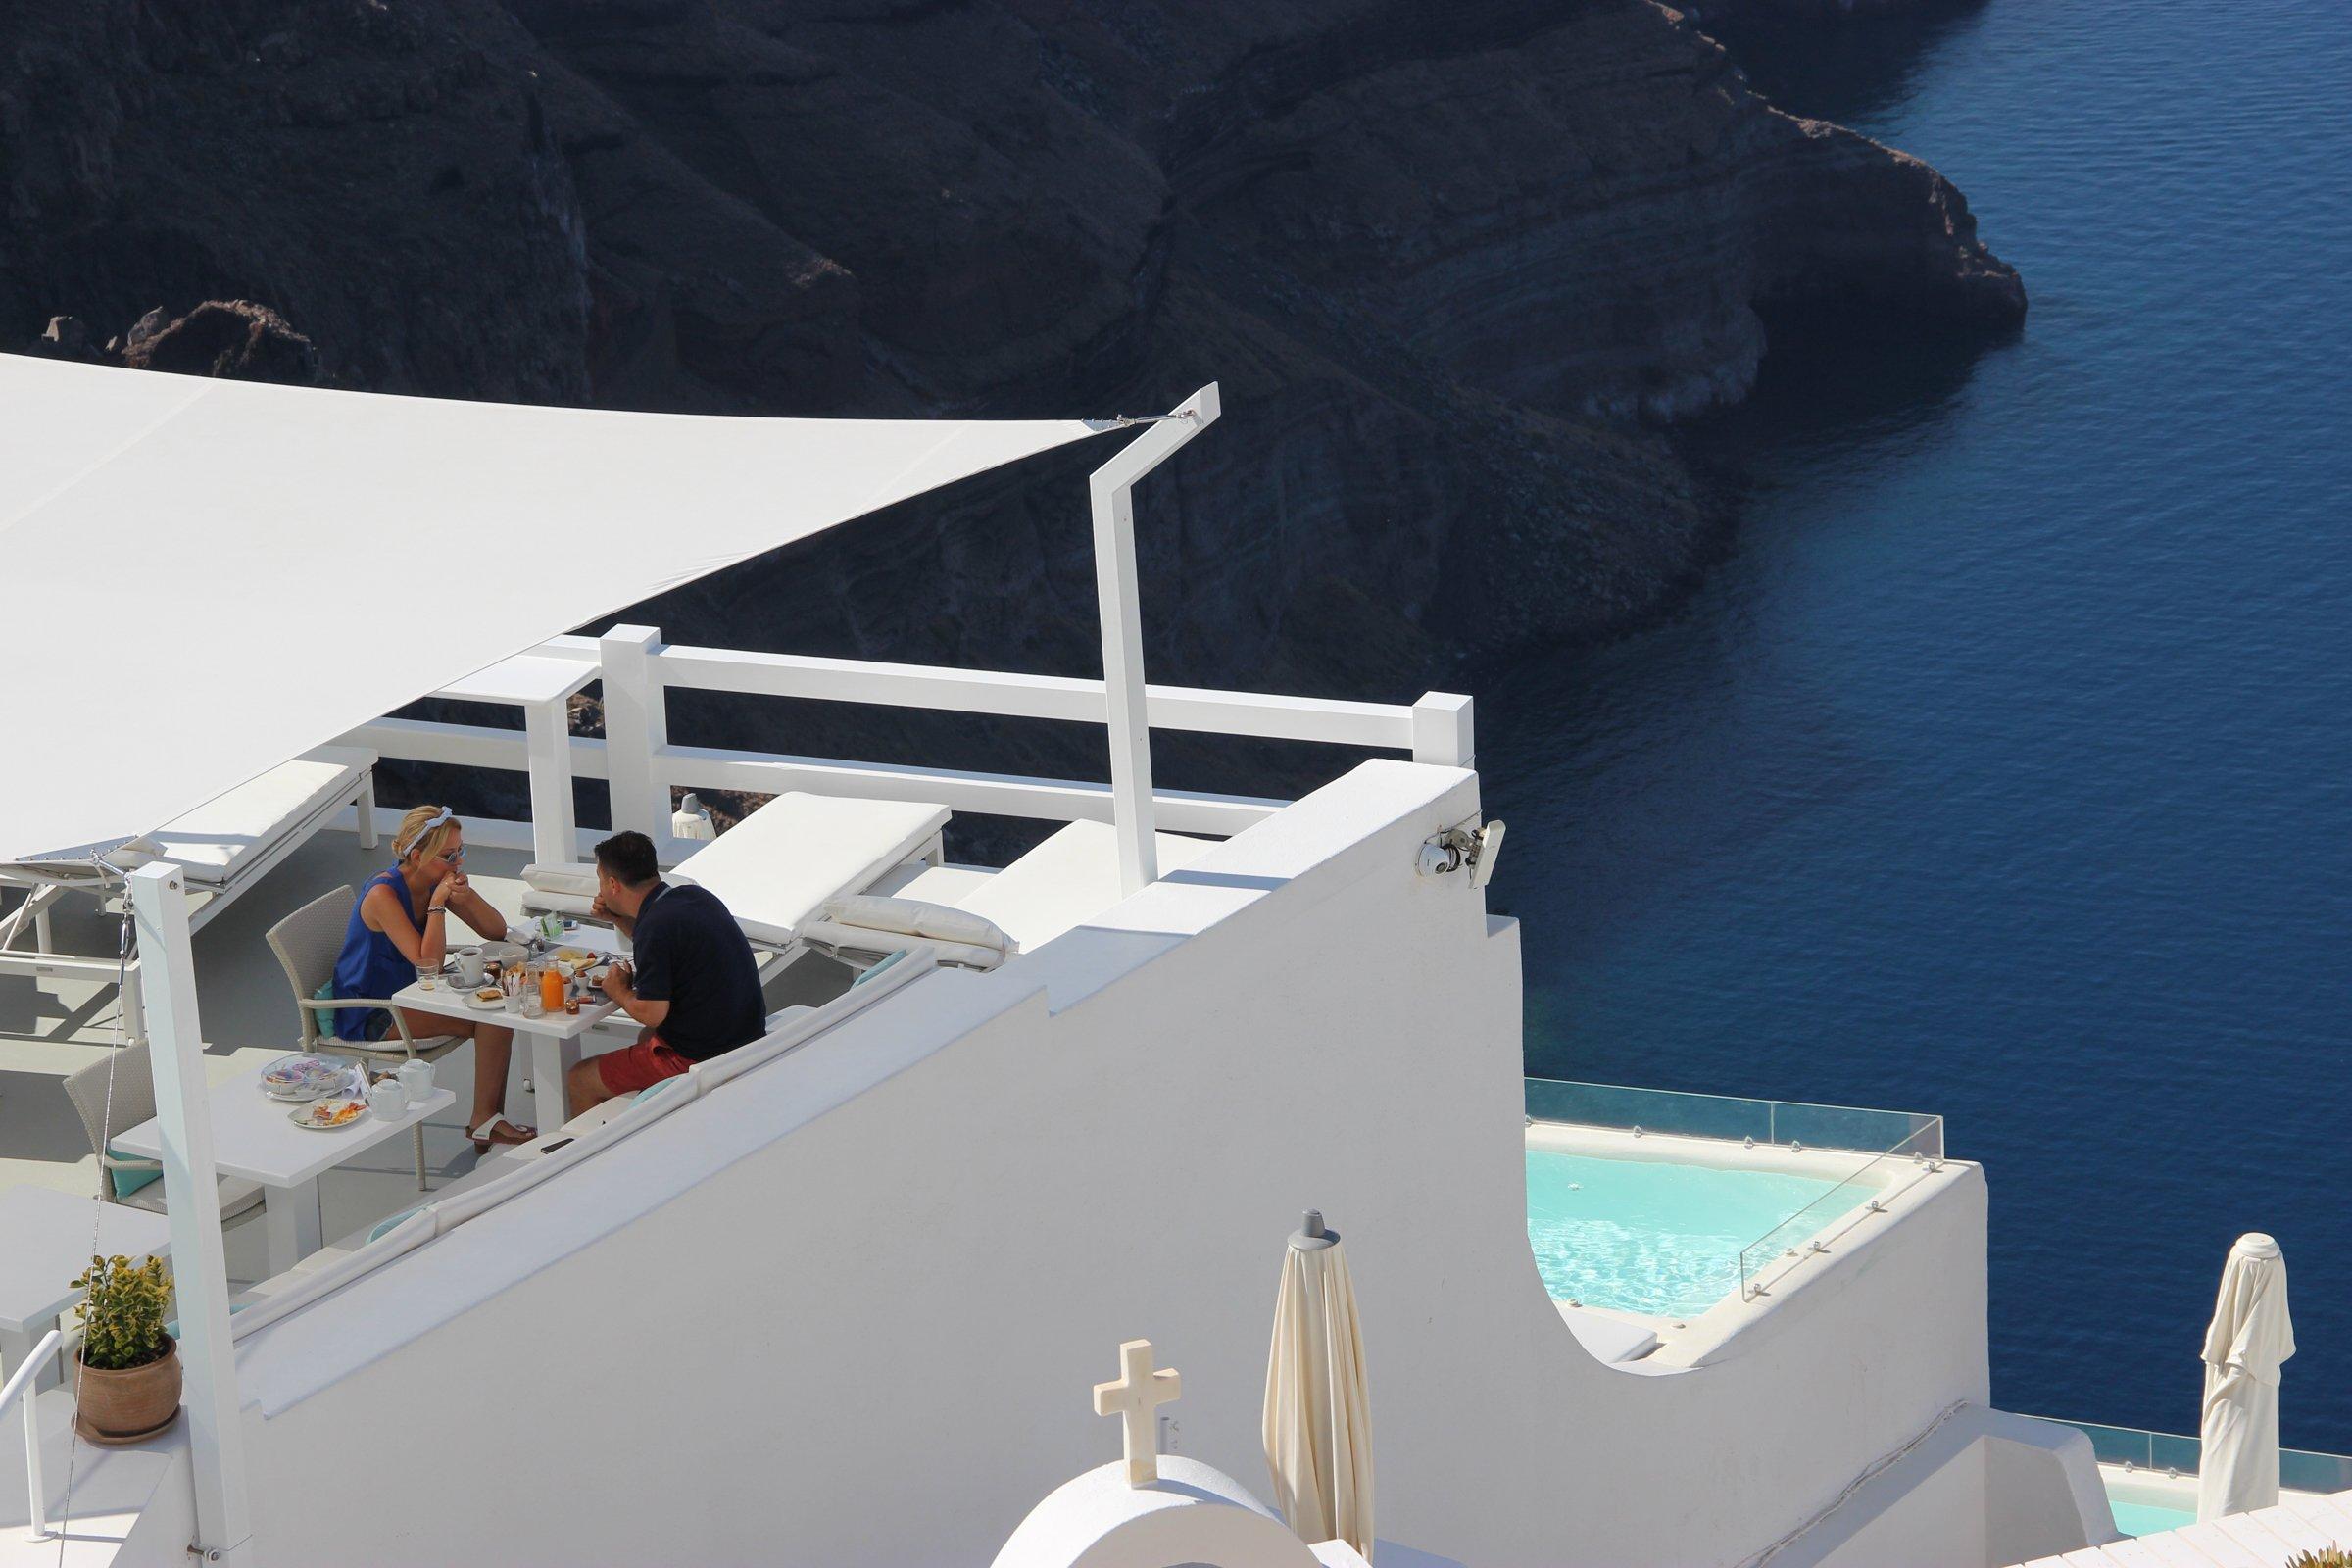 Two People In Restaurant Terrace Overlooking Water